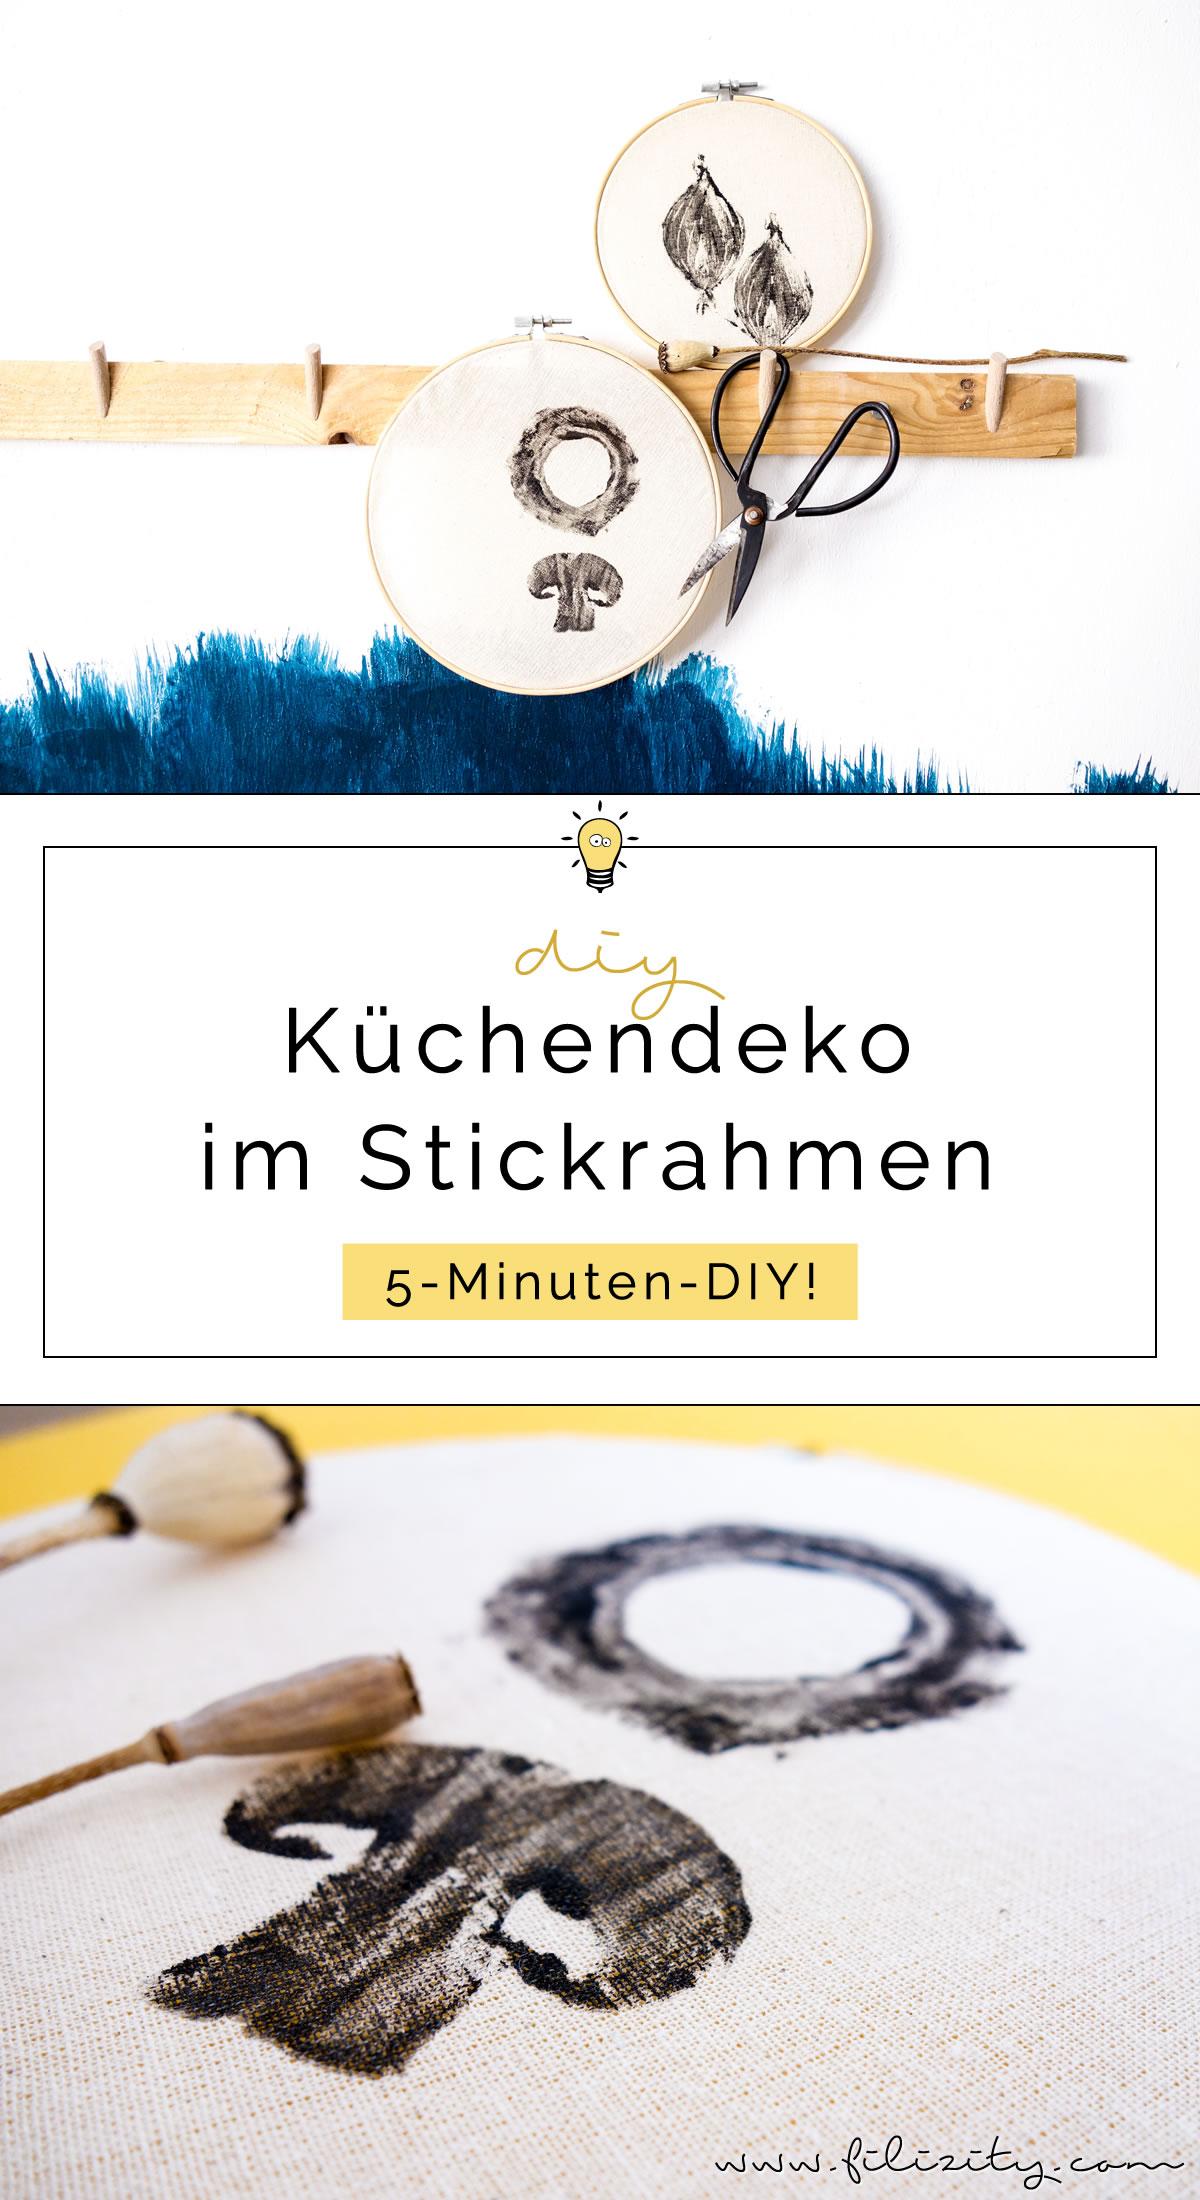 Stoff bedrucken mit DIY Stempeln - Deko für die Küche selber machen - 5 Blogs 1000 Ideen | Filizity.com - DIY Blog aus dem Rheinland #shabbychic #stempel #lastminute